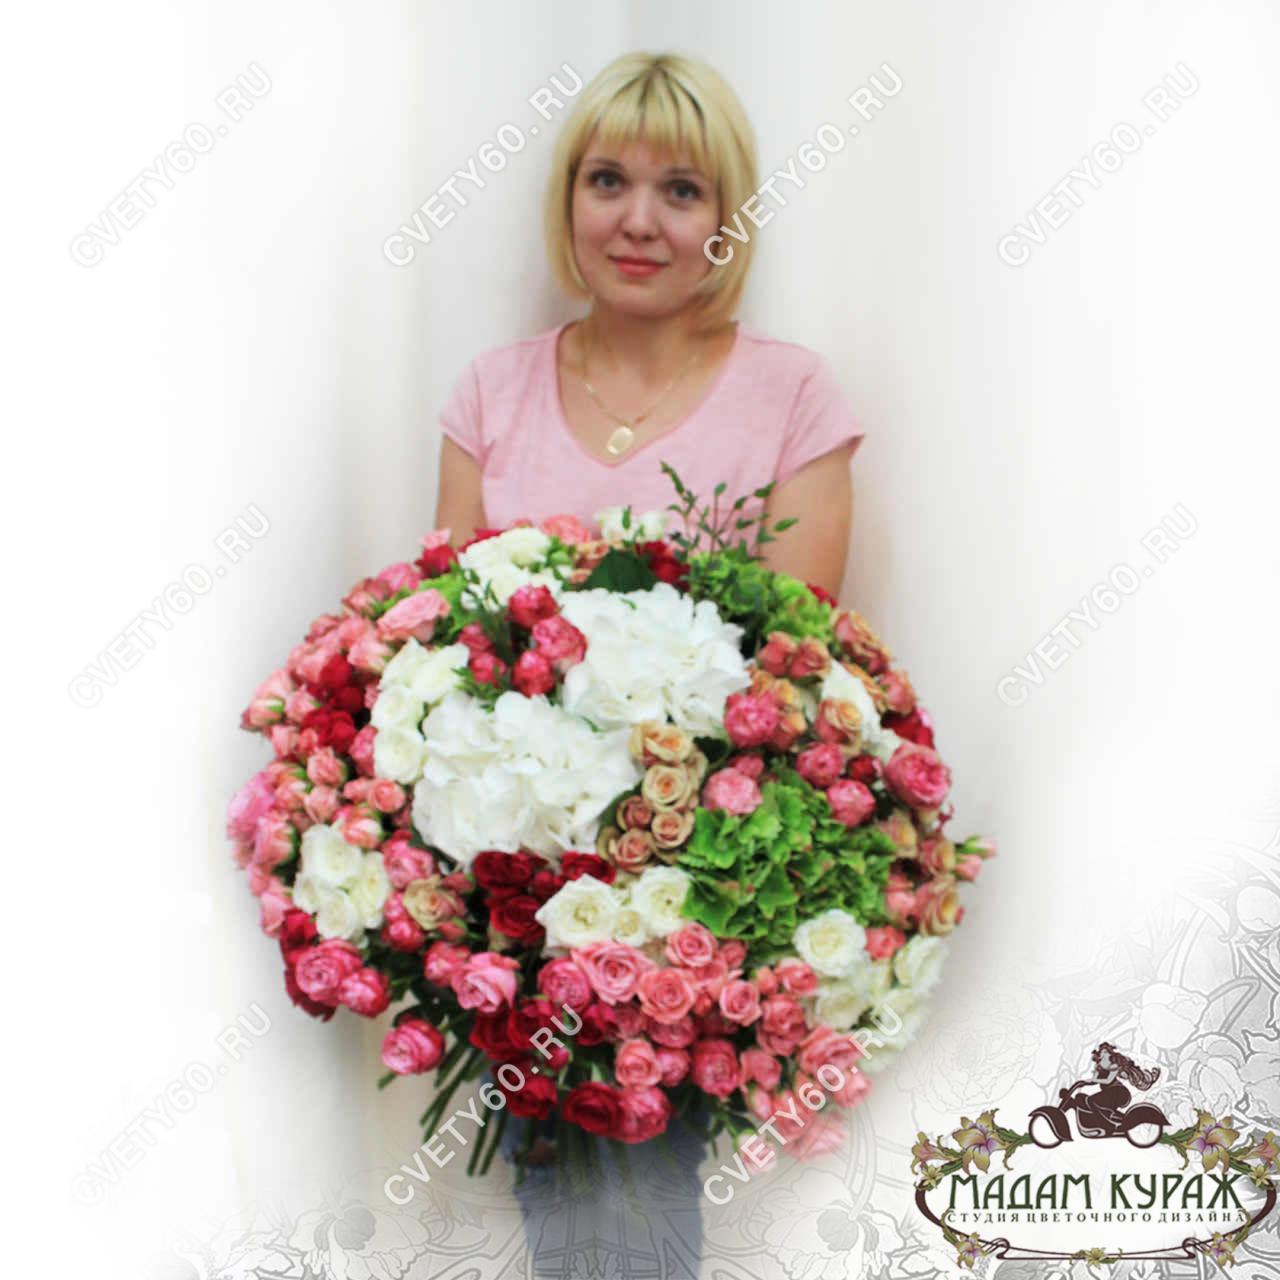 Сногсшибательный букет из кустовых роз и гортензий